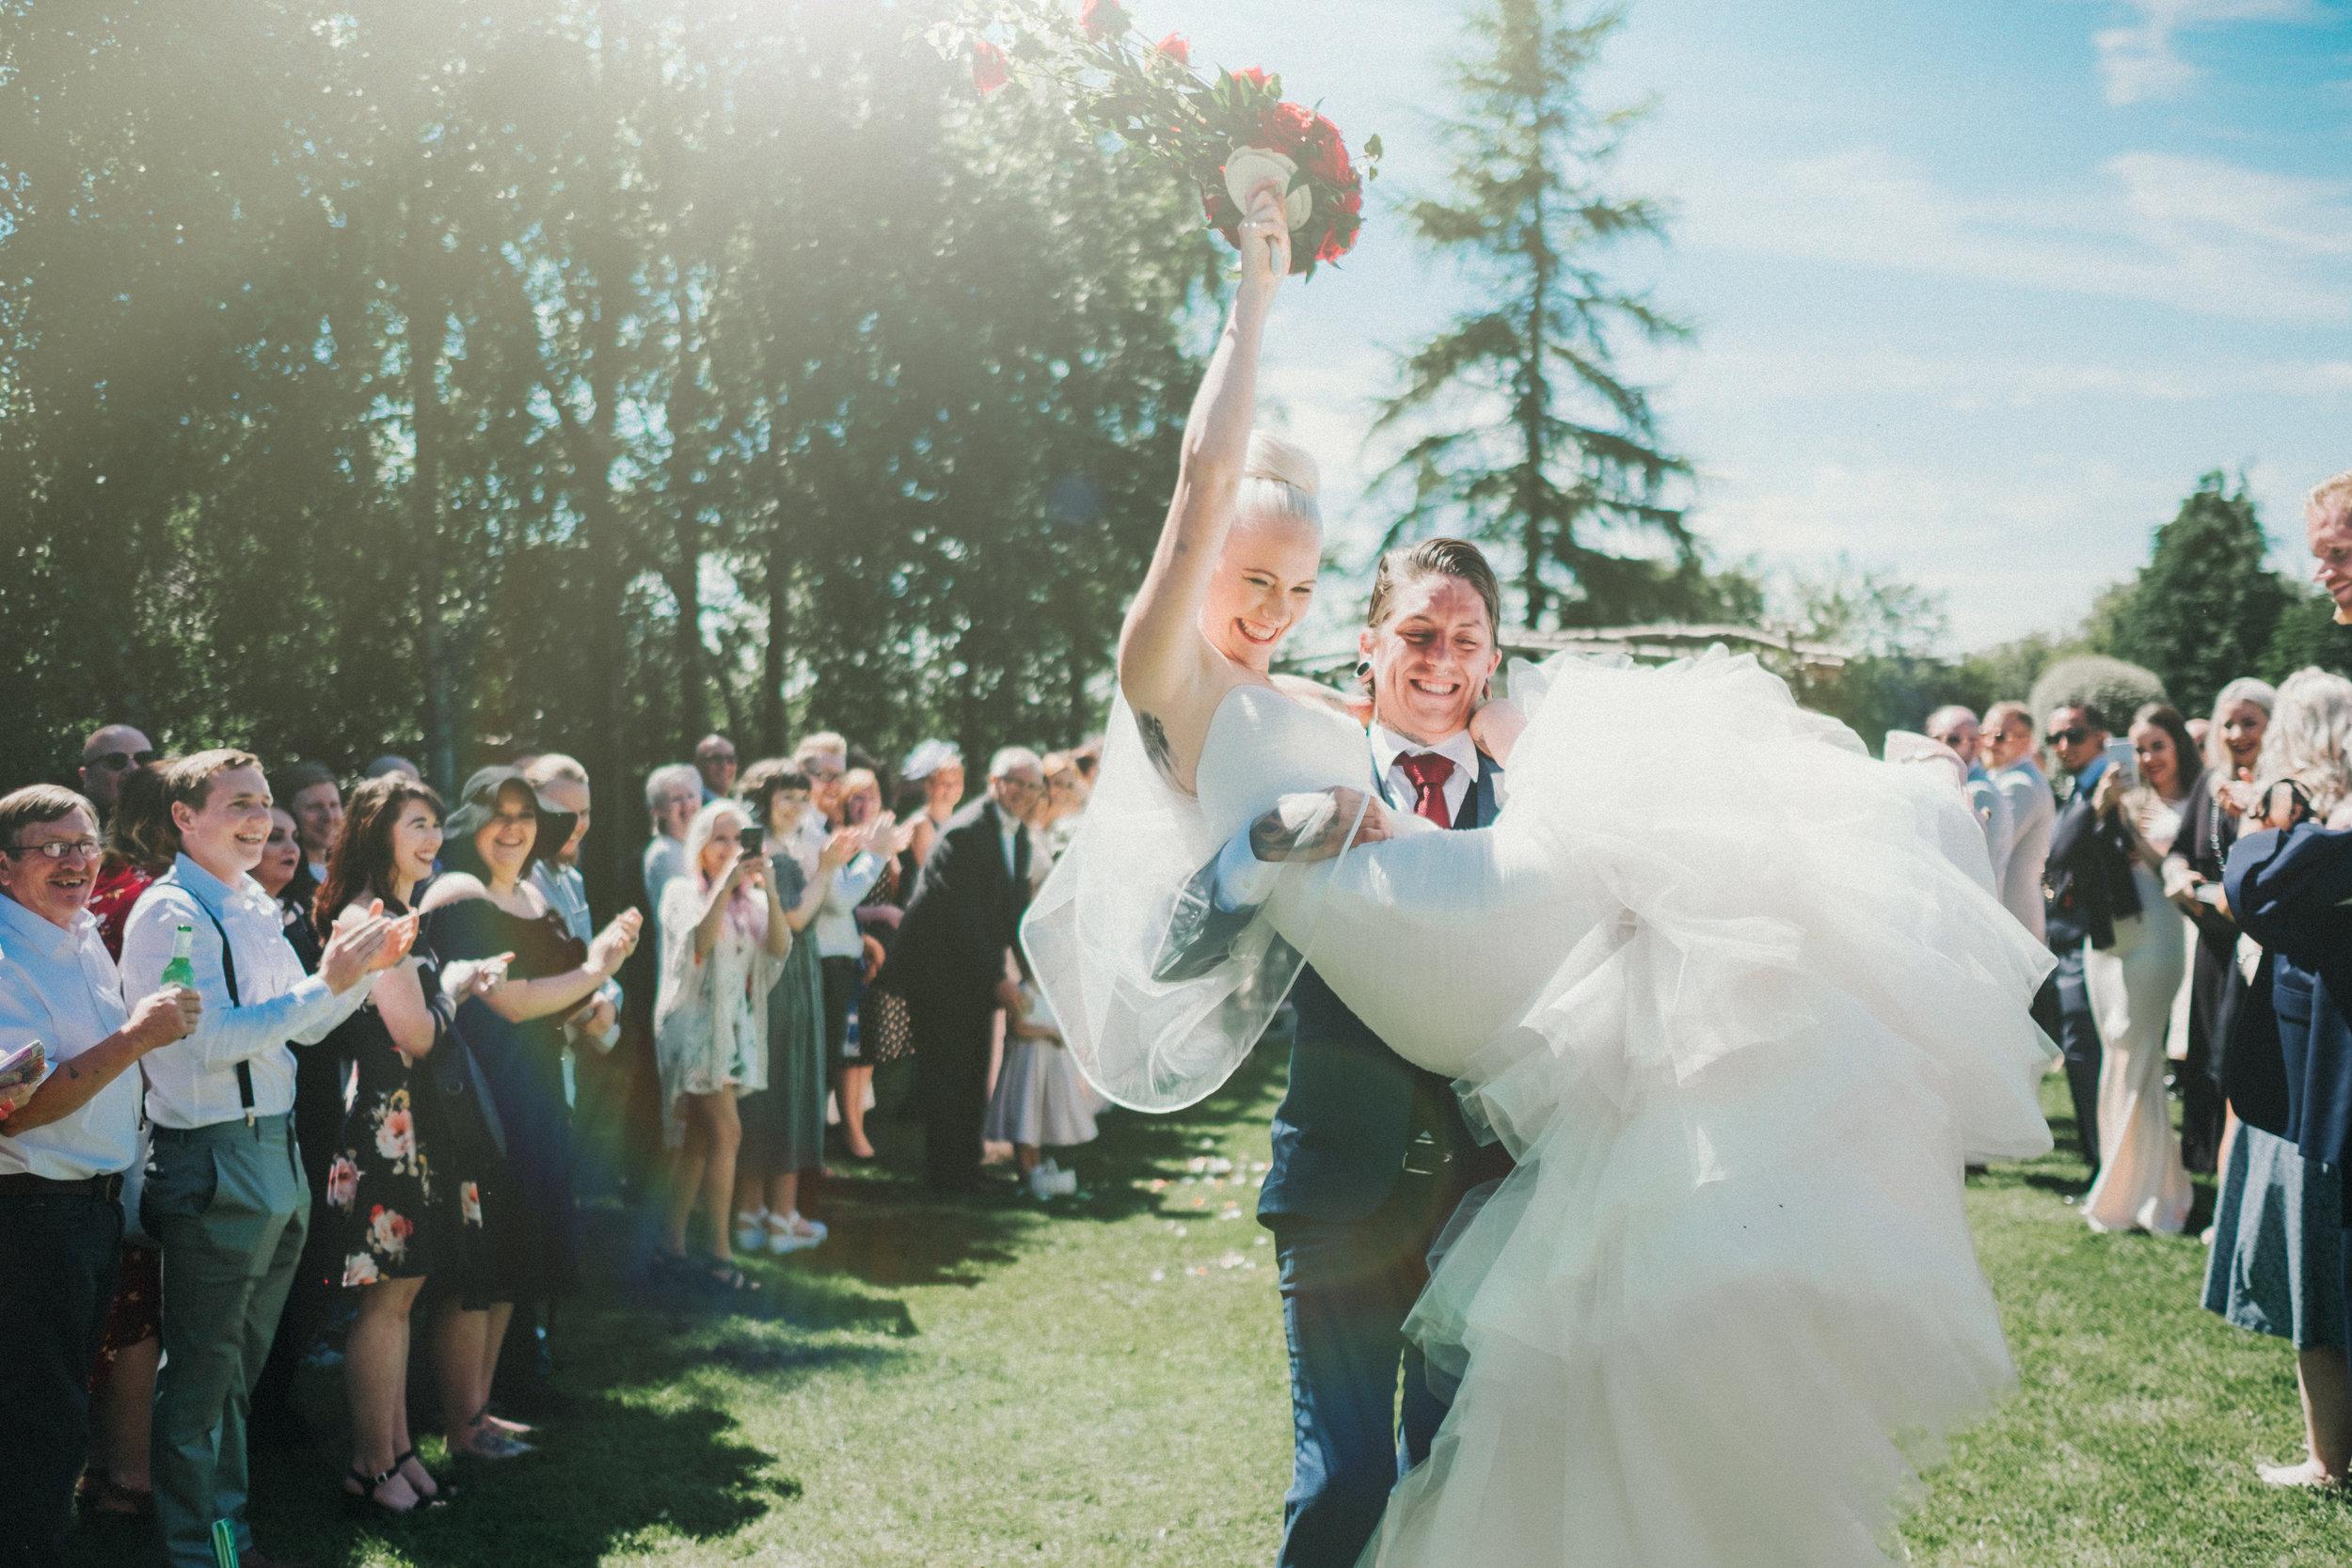 Nina & Zakk // DIY Backyard Wedding